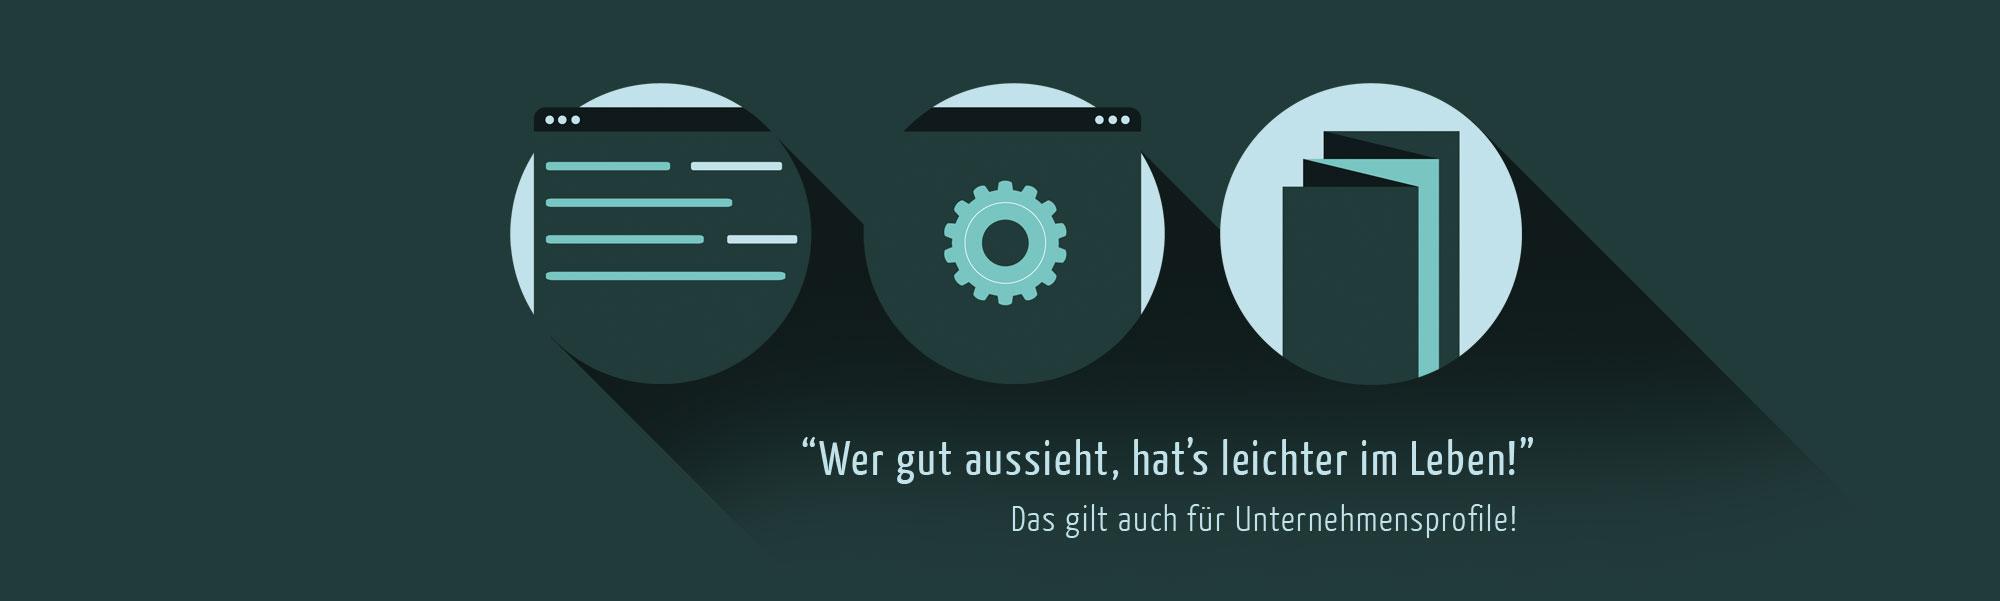 Webdesign, CMS und Mediendesign aus Thüringen